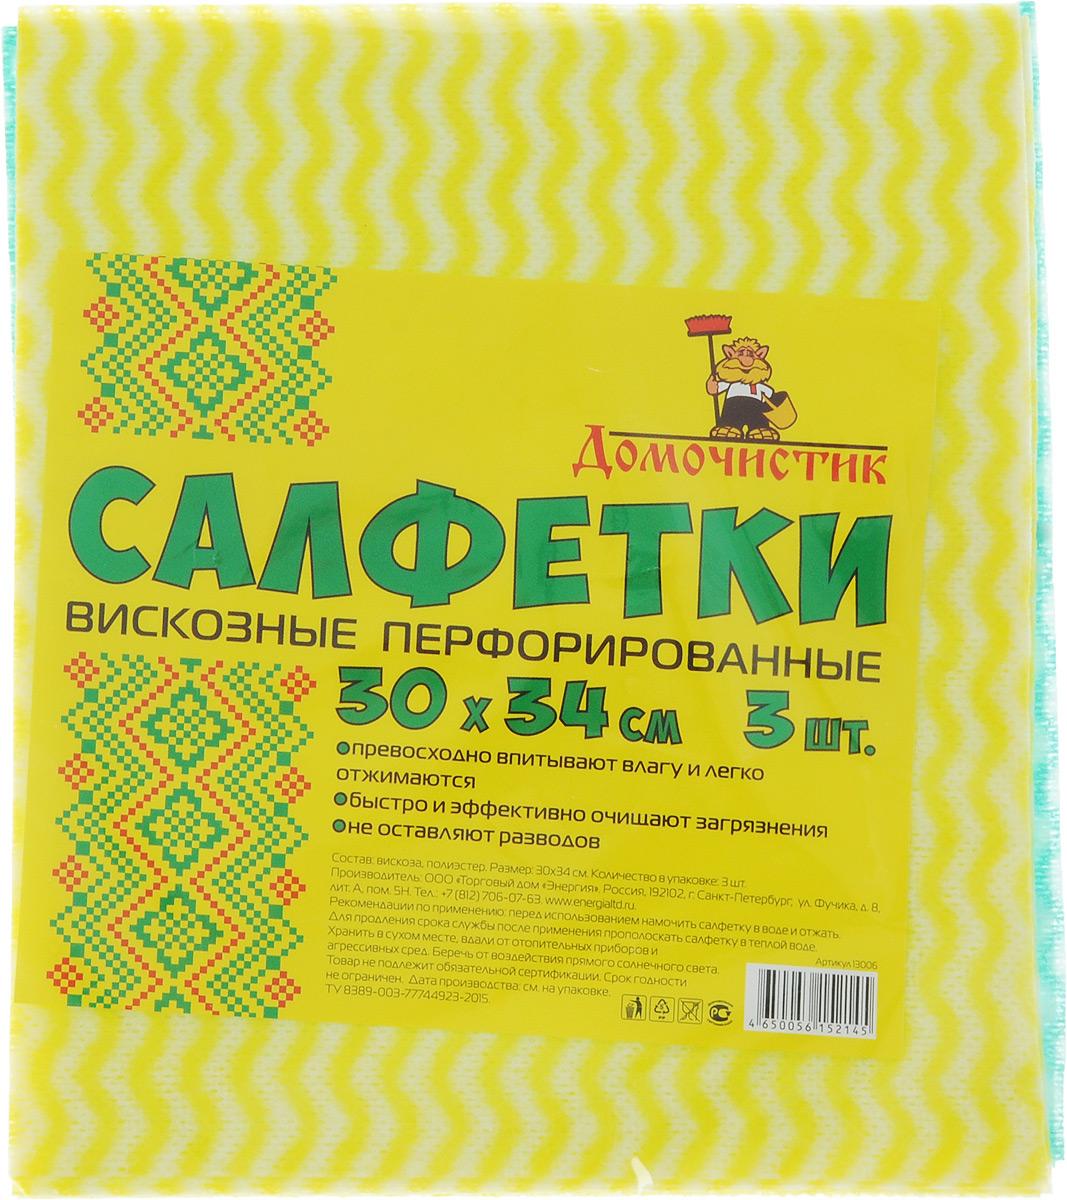 Салфетка для уборки Домочистик из вискозы, перфорированная, цвет: желтый, зеленый, белый, 30 x 34 см, 3 шт. 13006790009Перфорированные вискозные салфетки для уборки Домочистик превосходно впитывают влагу и легко отжимаются. Быстро и эффективно очищают загрязнения, не оставляют разводов. В комплект входят 3 салфетки.